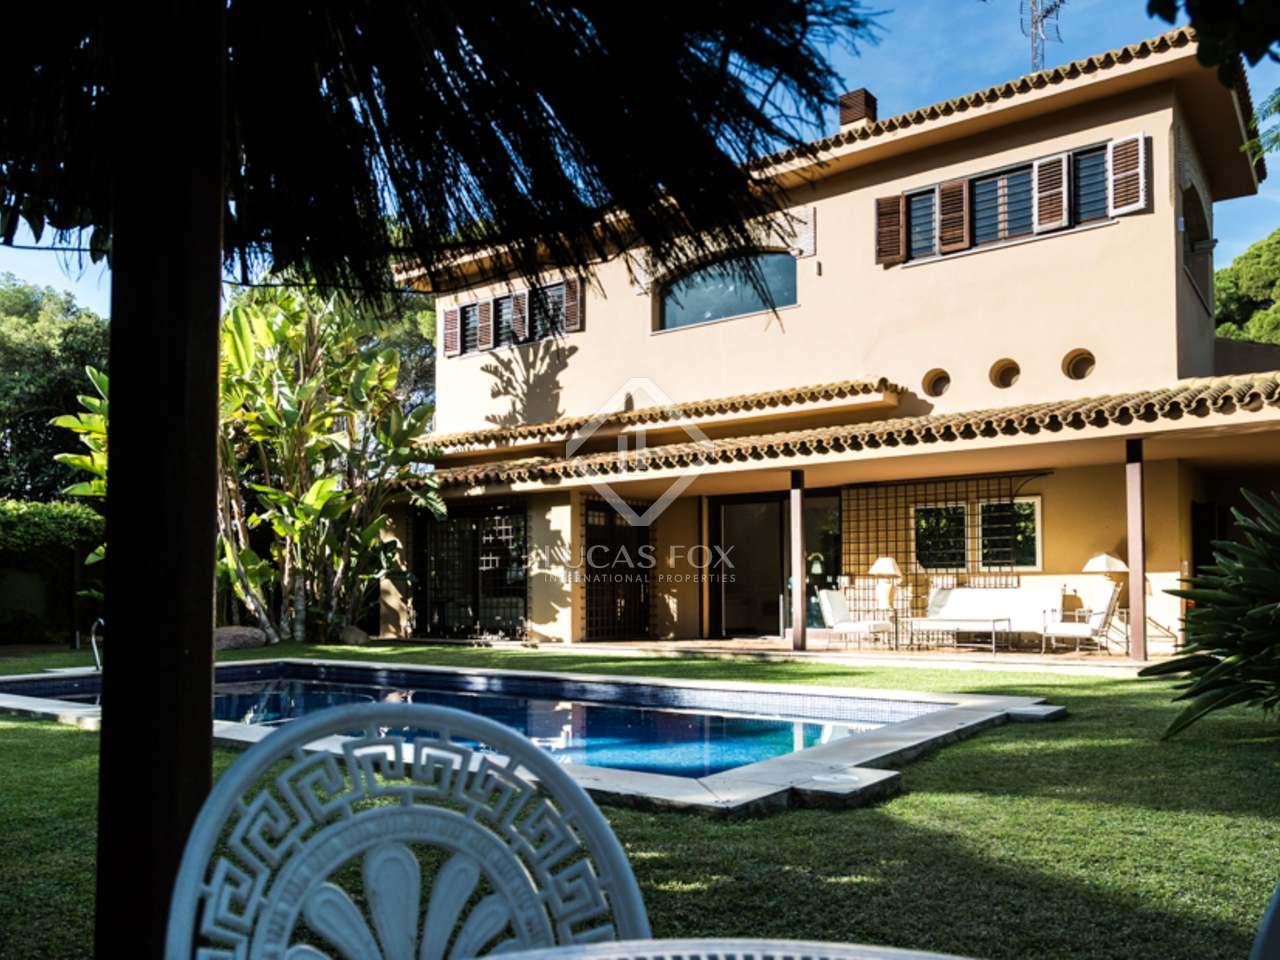 Casa de lujo en venta en godella cerca de valencia for Piscina de godella